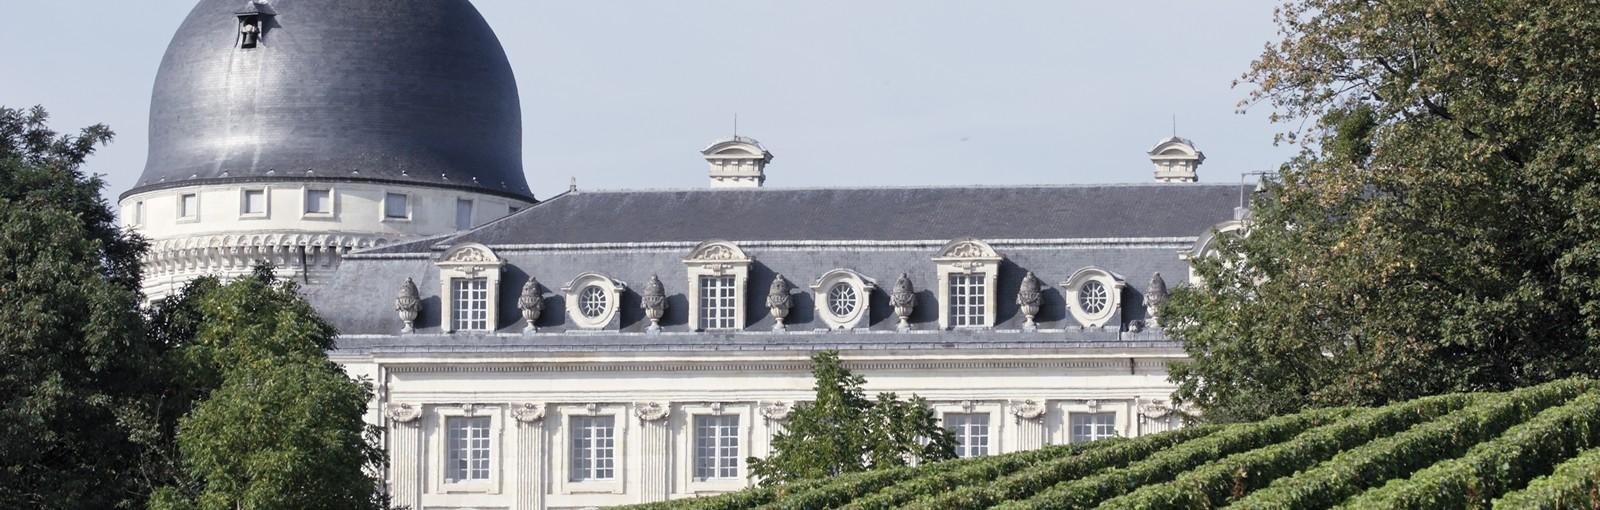 Tours Entre Berry y Loire, vinos y castillos pequeños y grandes - Valle del Loira - Circuitos desde Paris